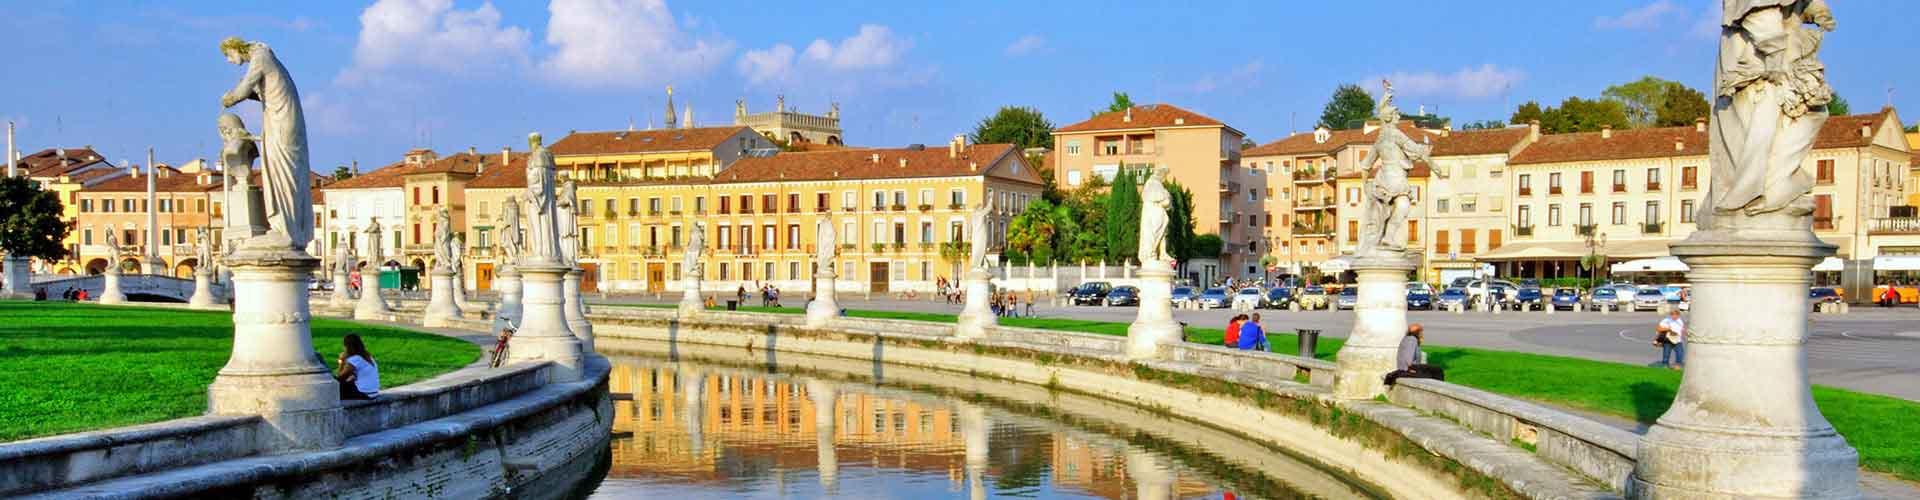 Padova - Hôtels à Padova. Cartes pour Padova, photos et commentaires pour chaque hôtel à Padova.